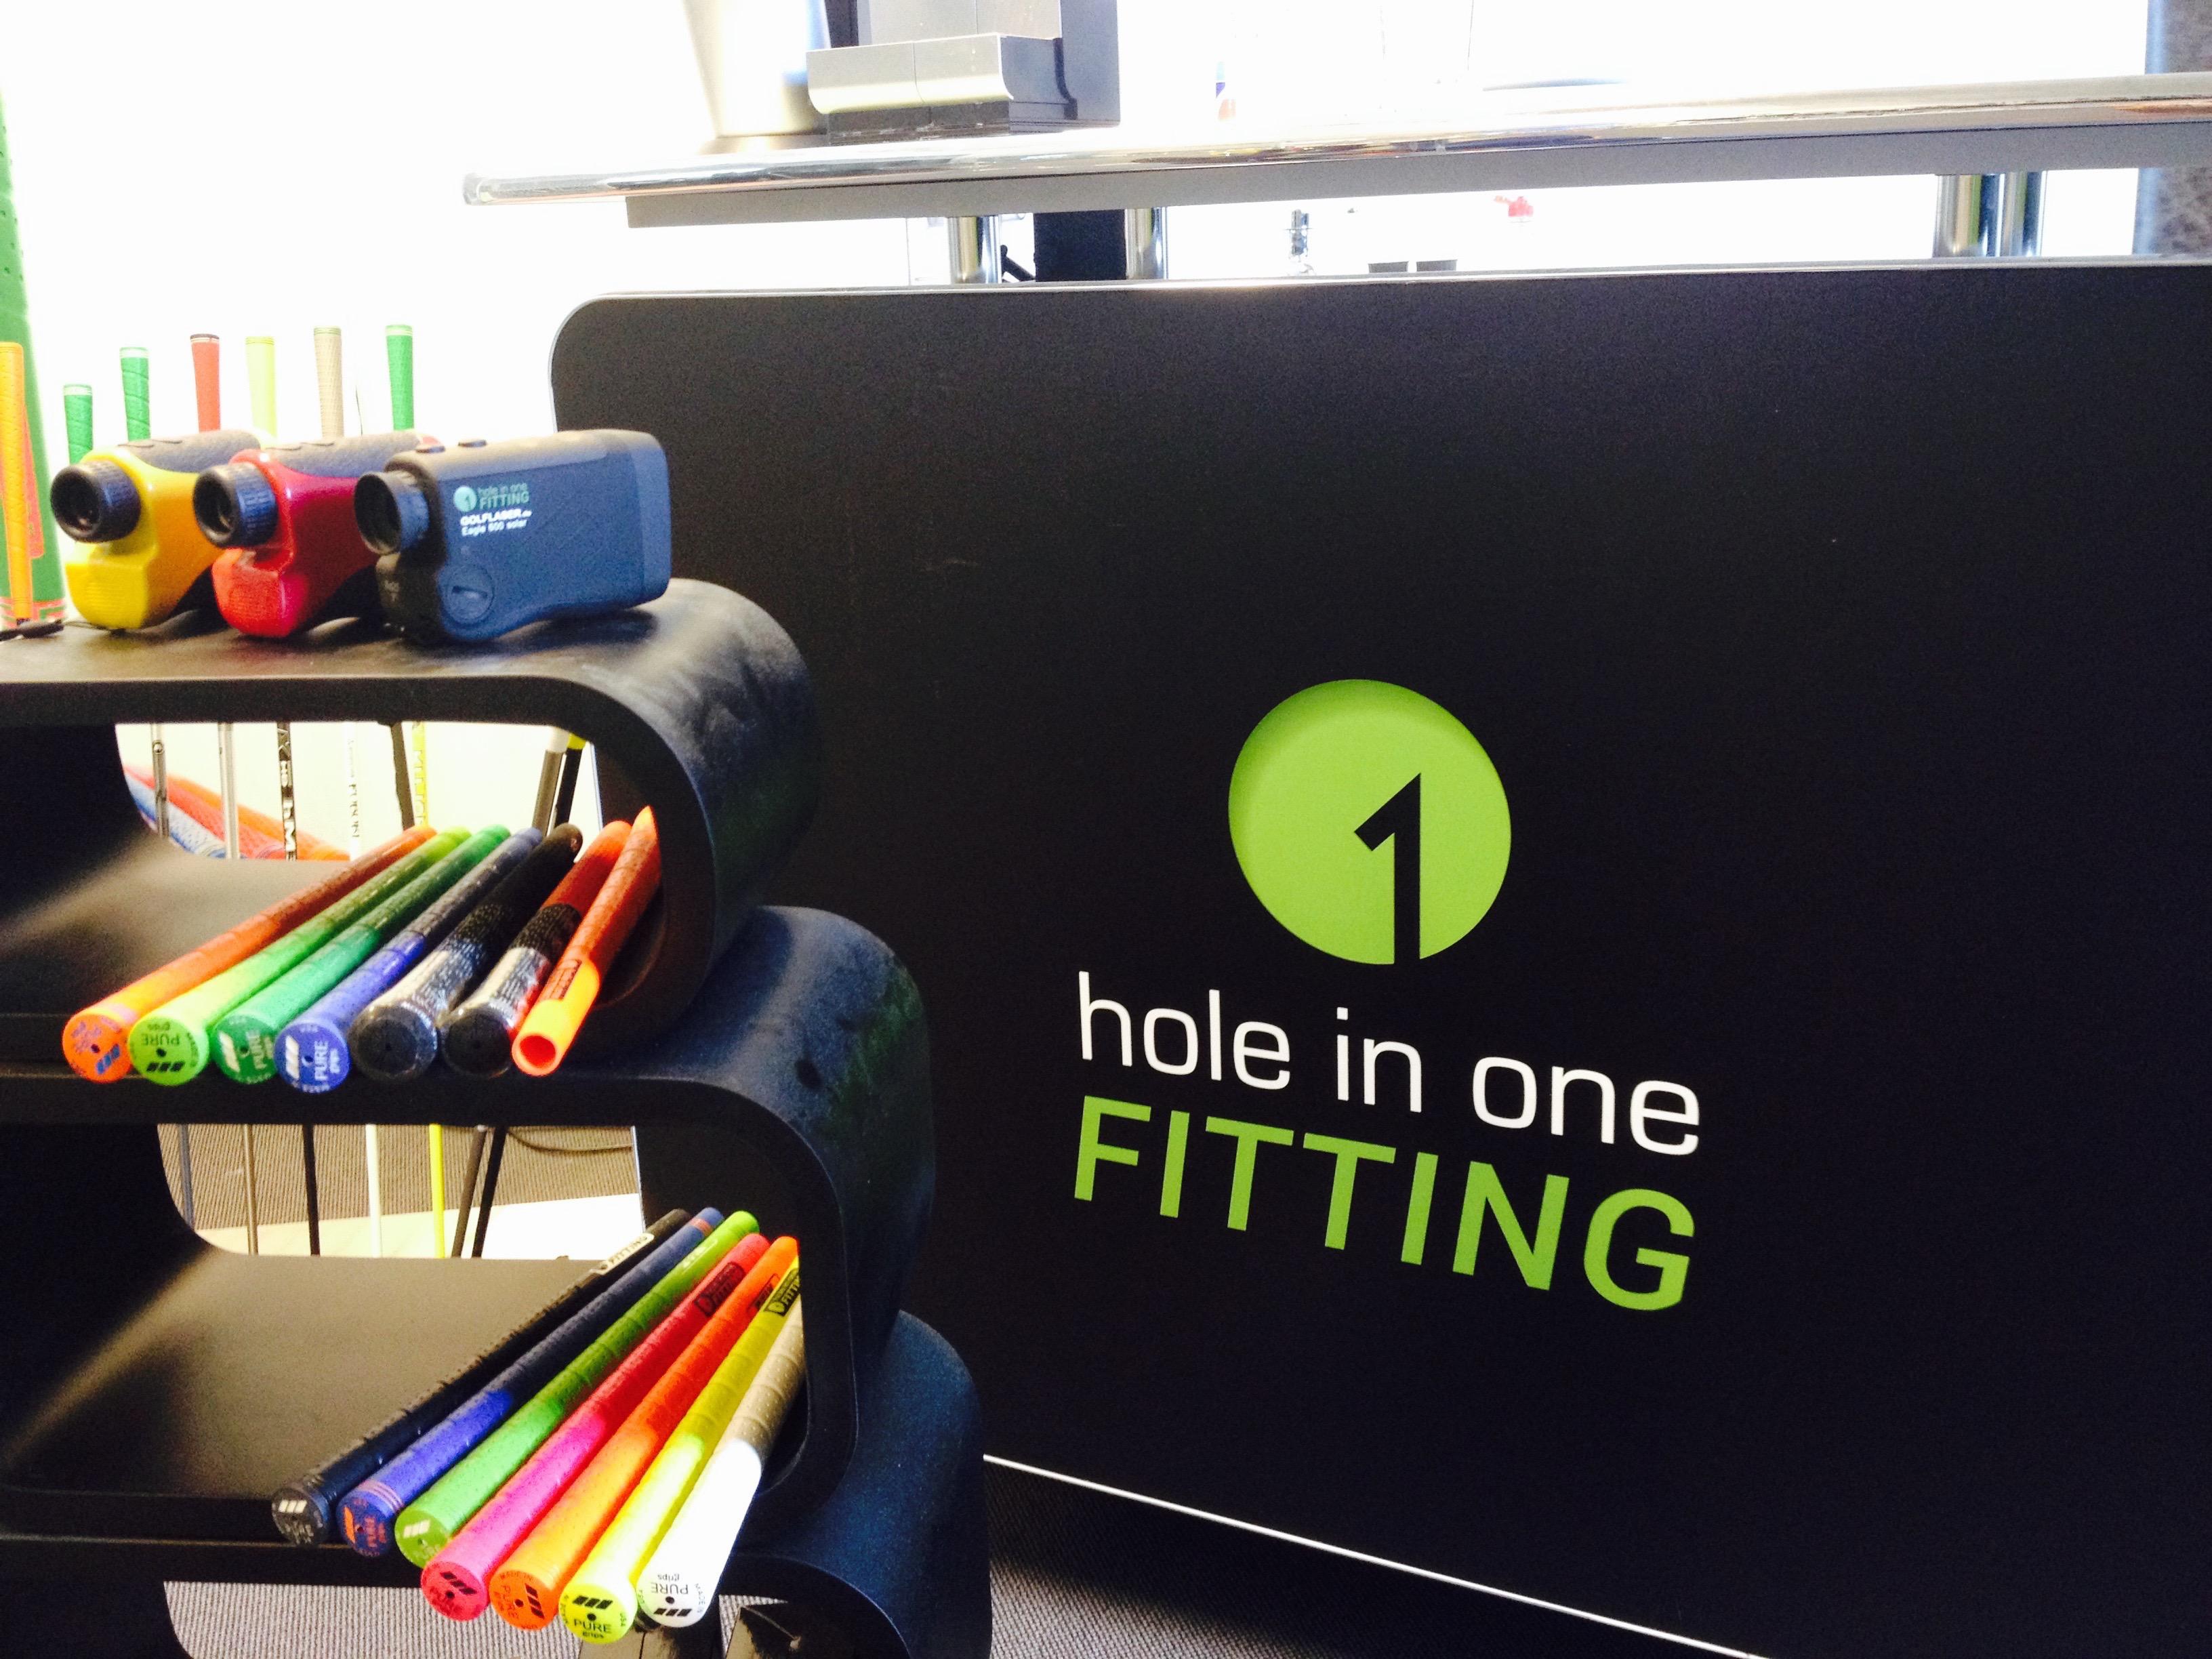 Entfernungsmesser München : München: unser partner hole in one fitting hat unsere golflaser im